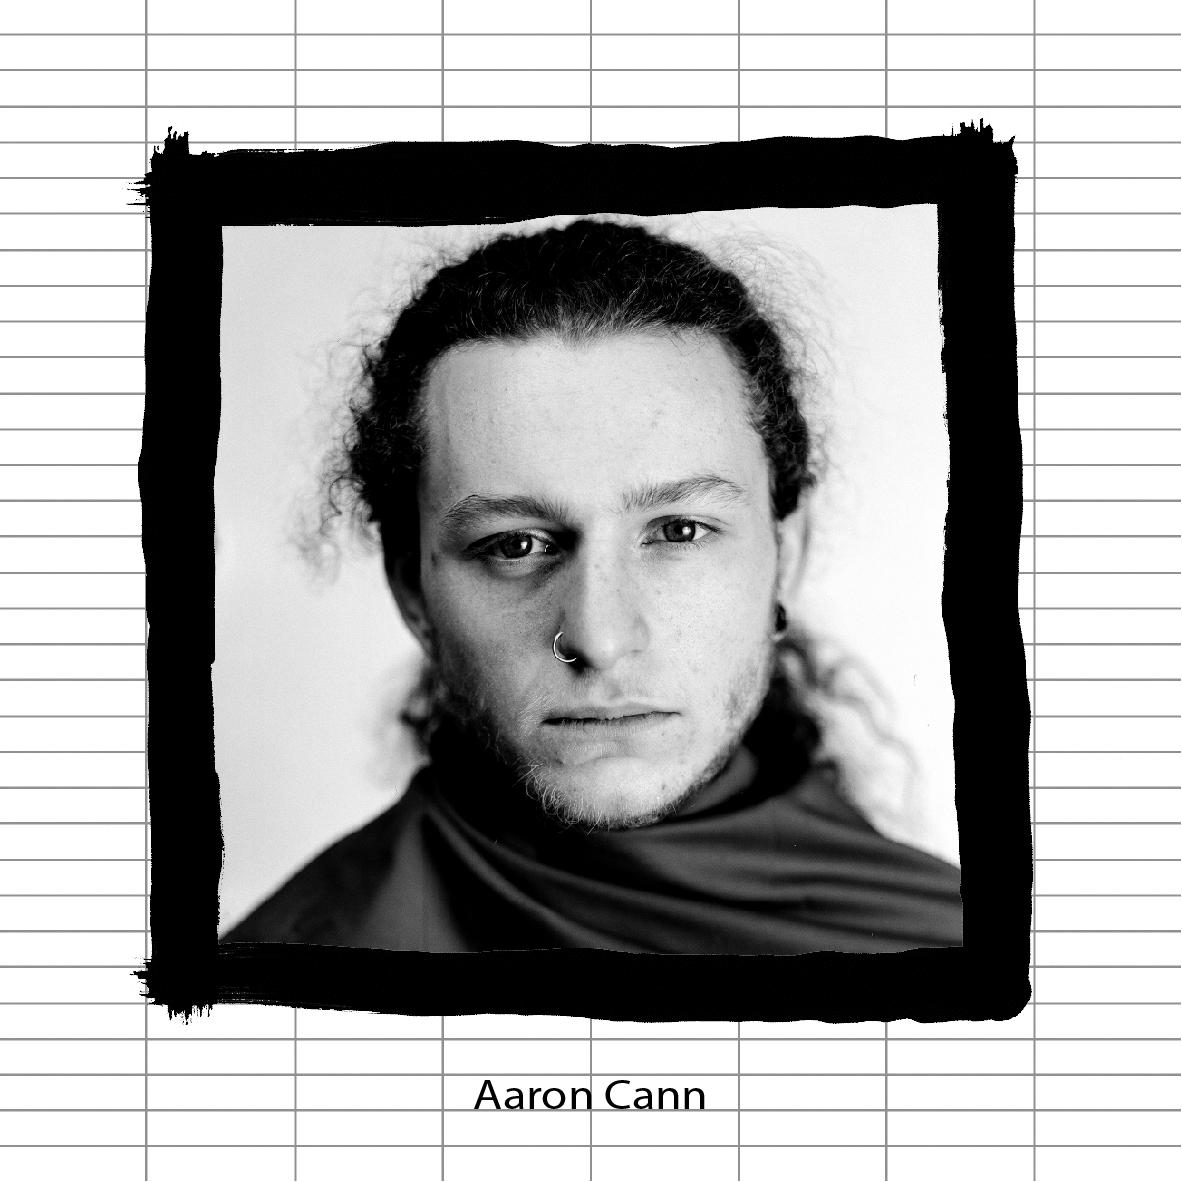 Aaron Cann post-01